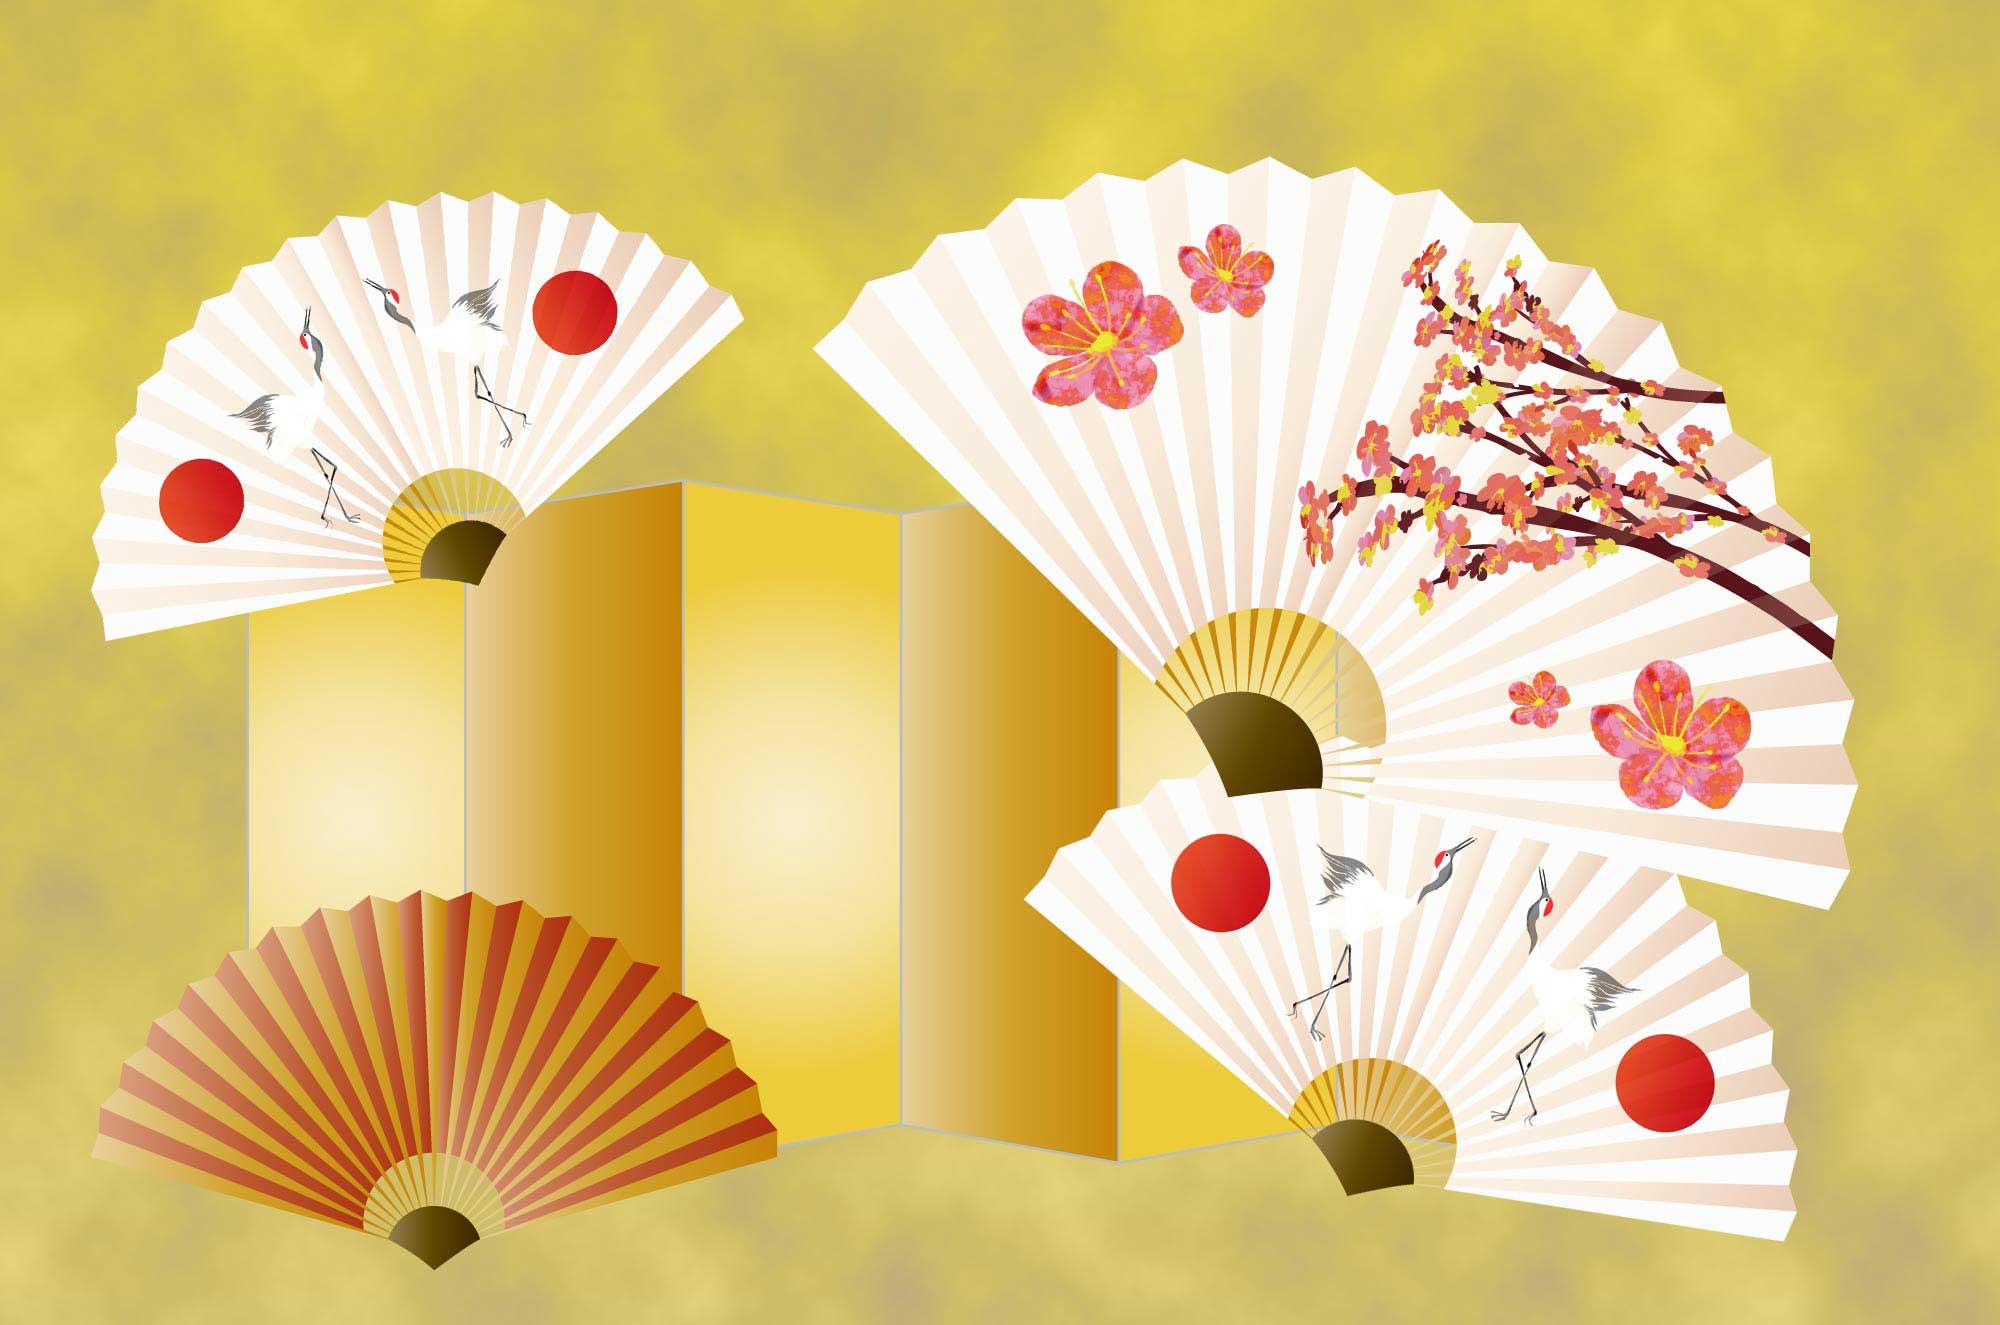 扇子のイラスト - 黄金・梅の花など和の縁起物の無料素材